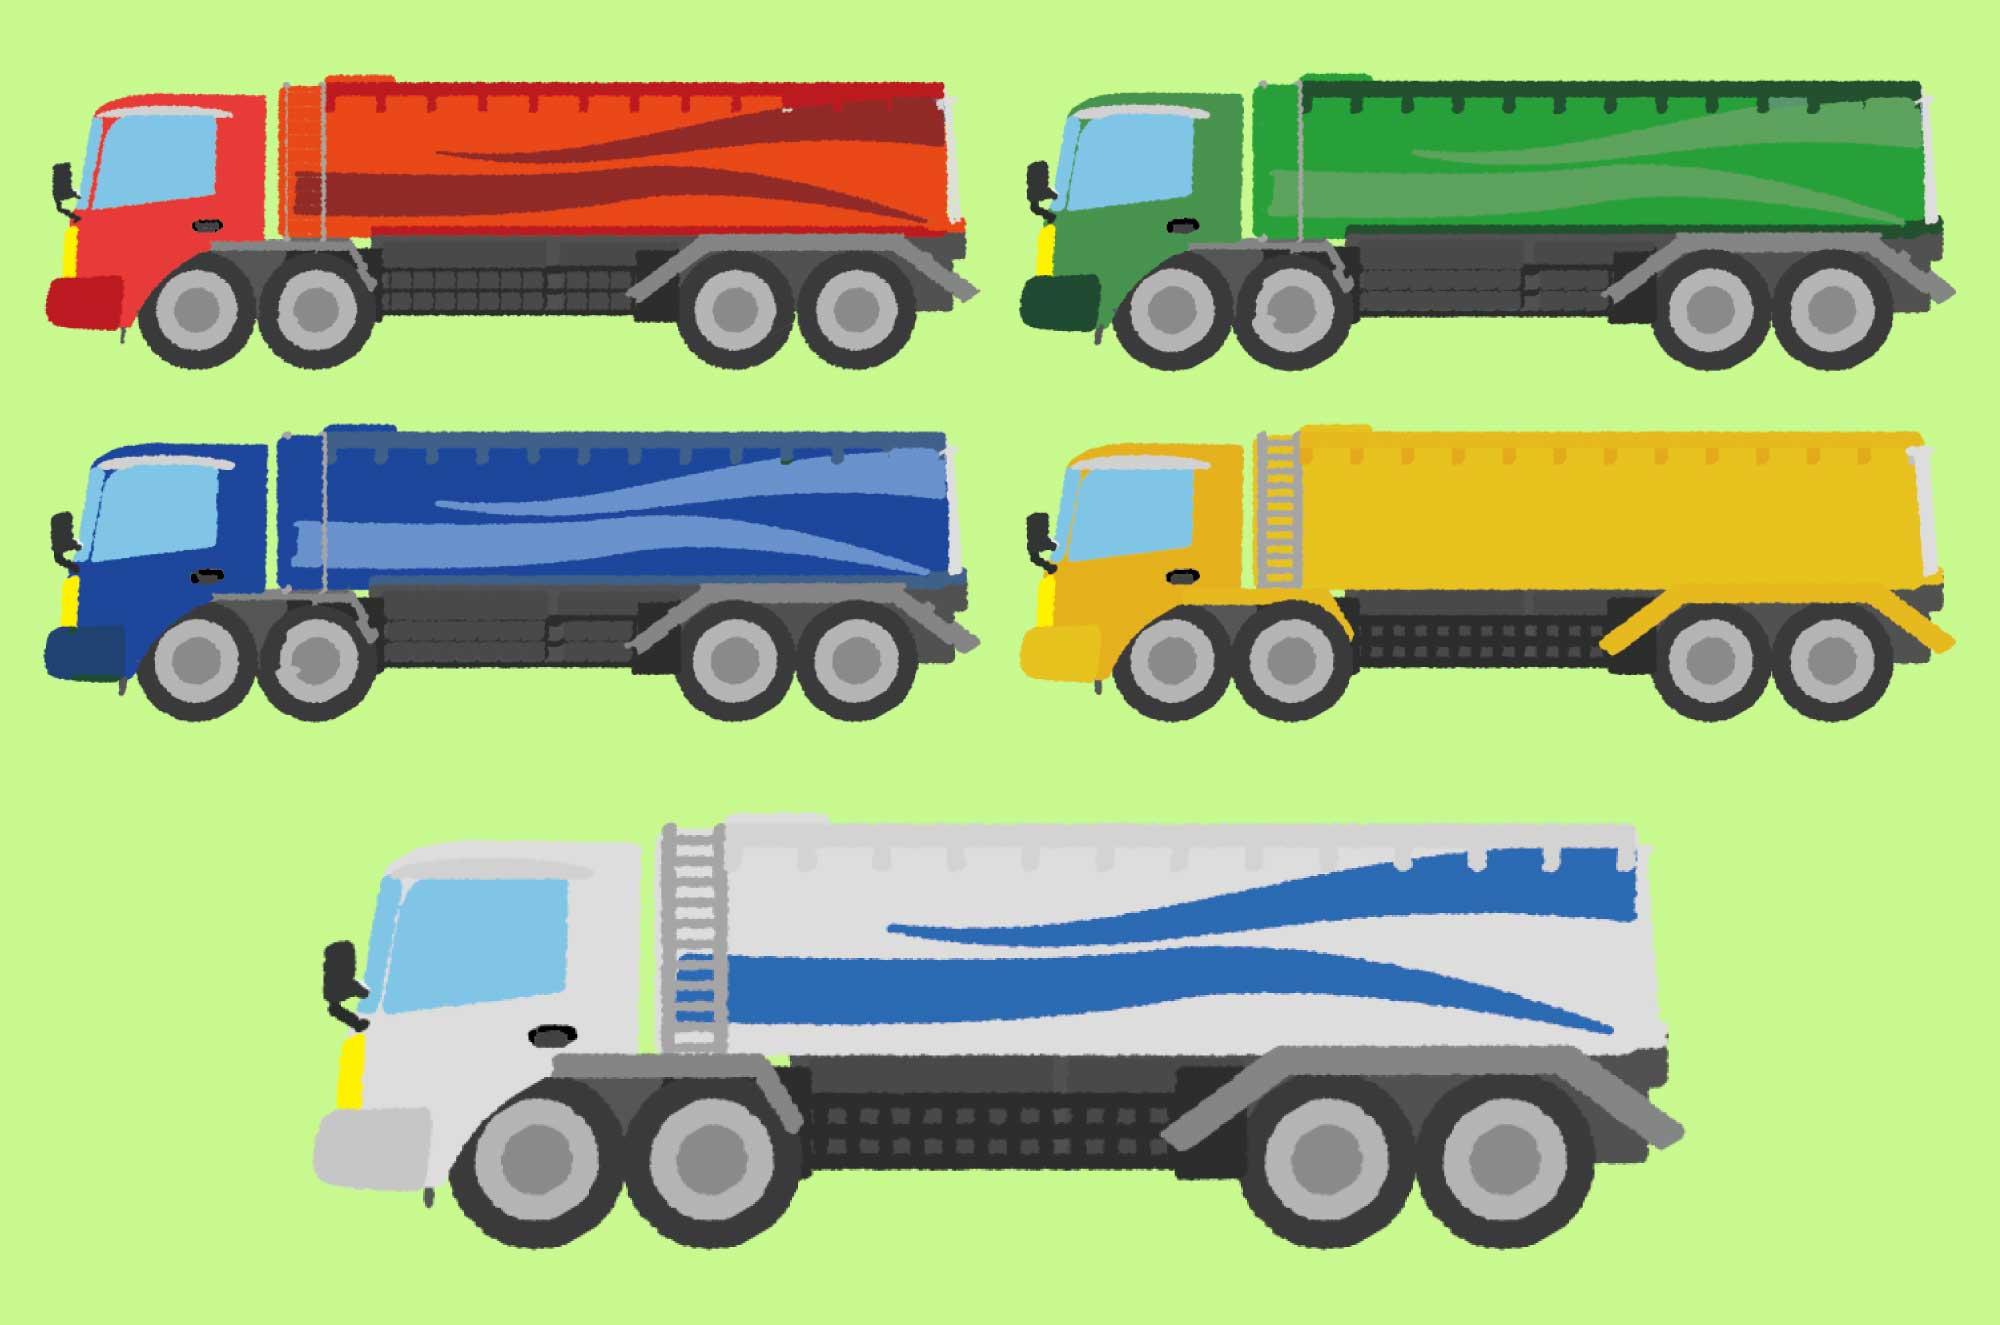 タンクローリーのイラスト - ガソリン・燃料輸送車